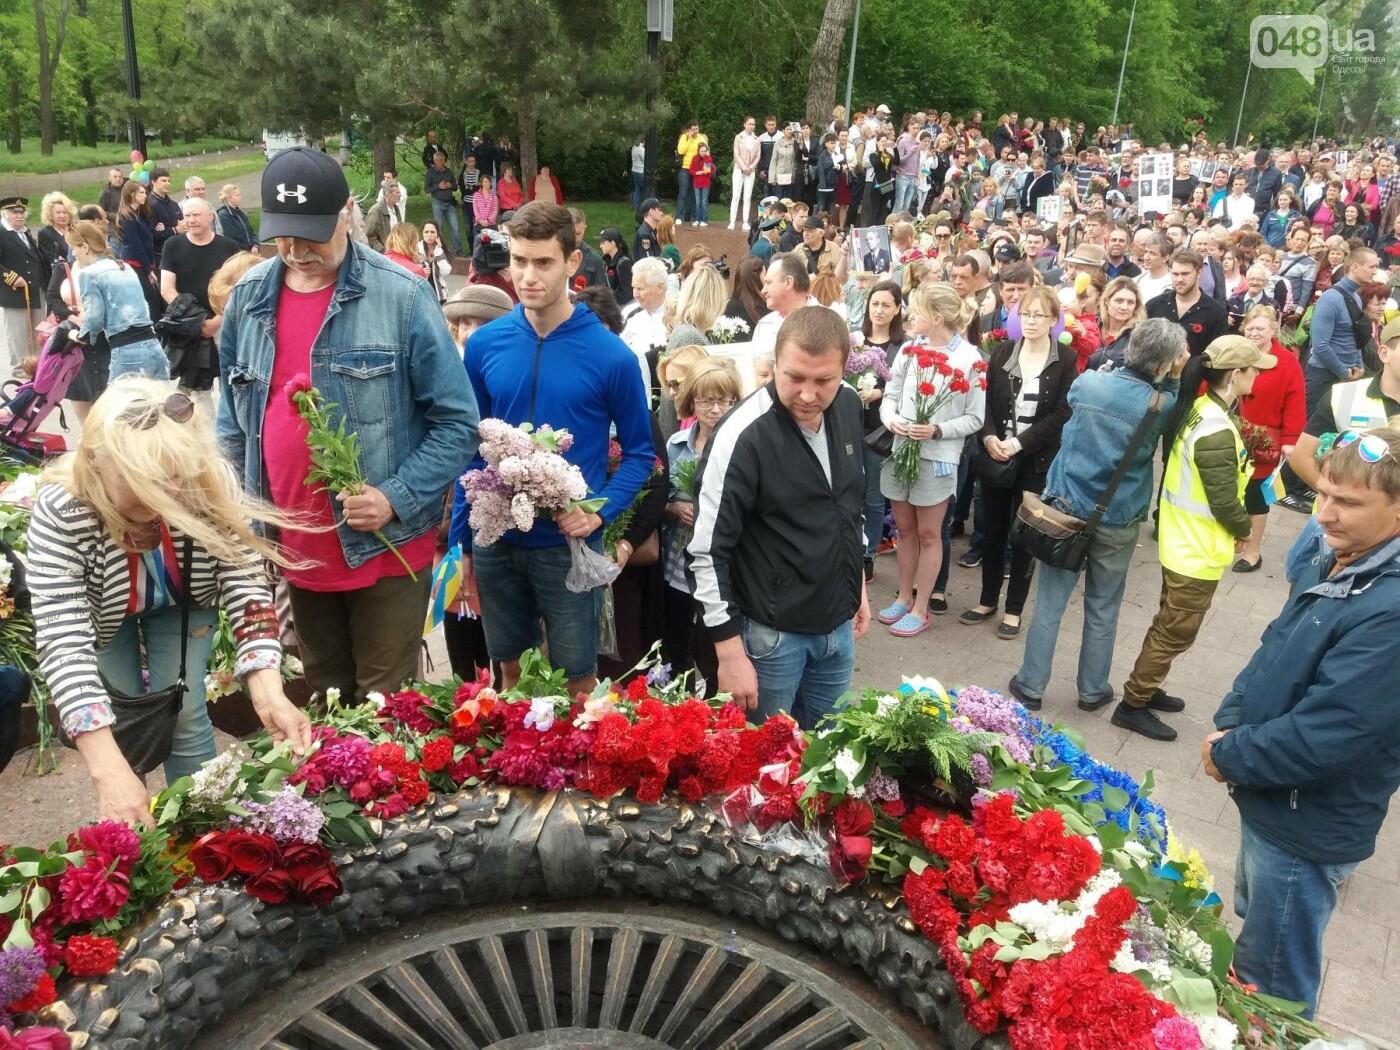 9 мая в Одессе: хронология событий и итоги, - ФОТО, ВИДЕО, фото-27